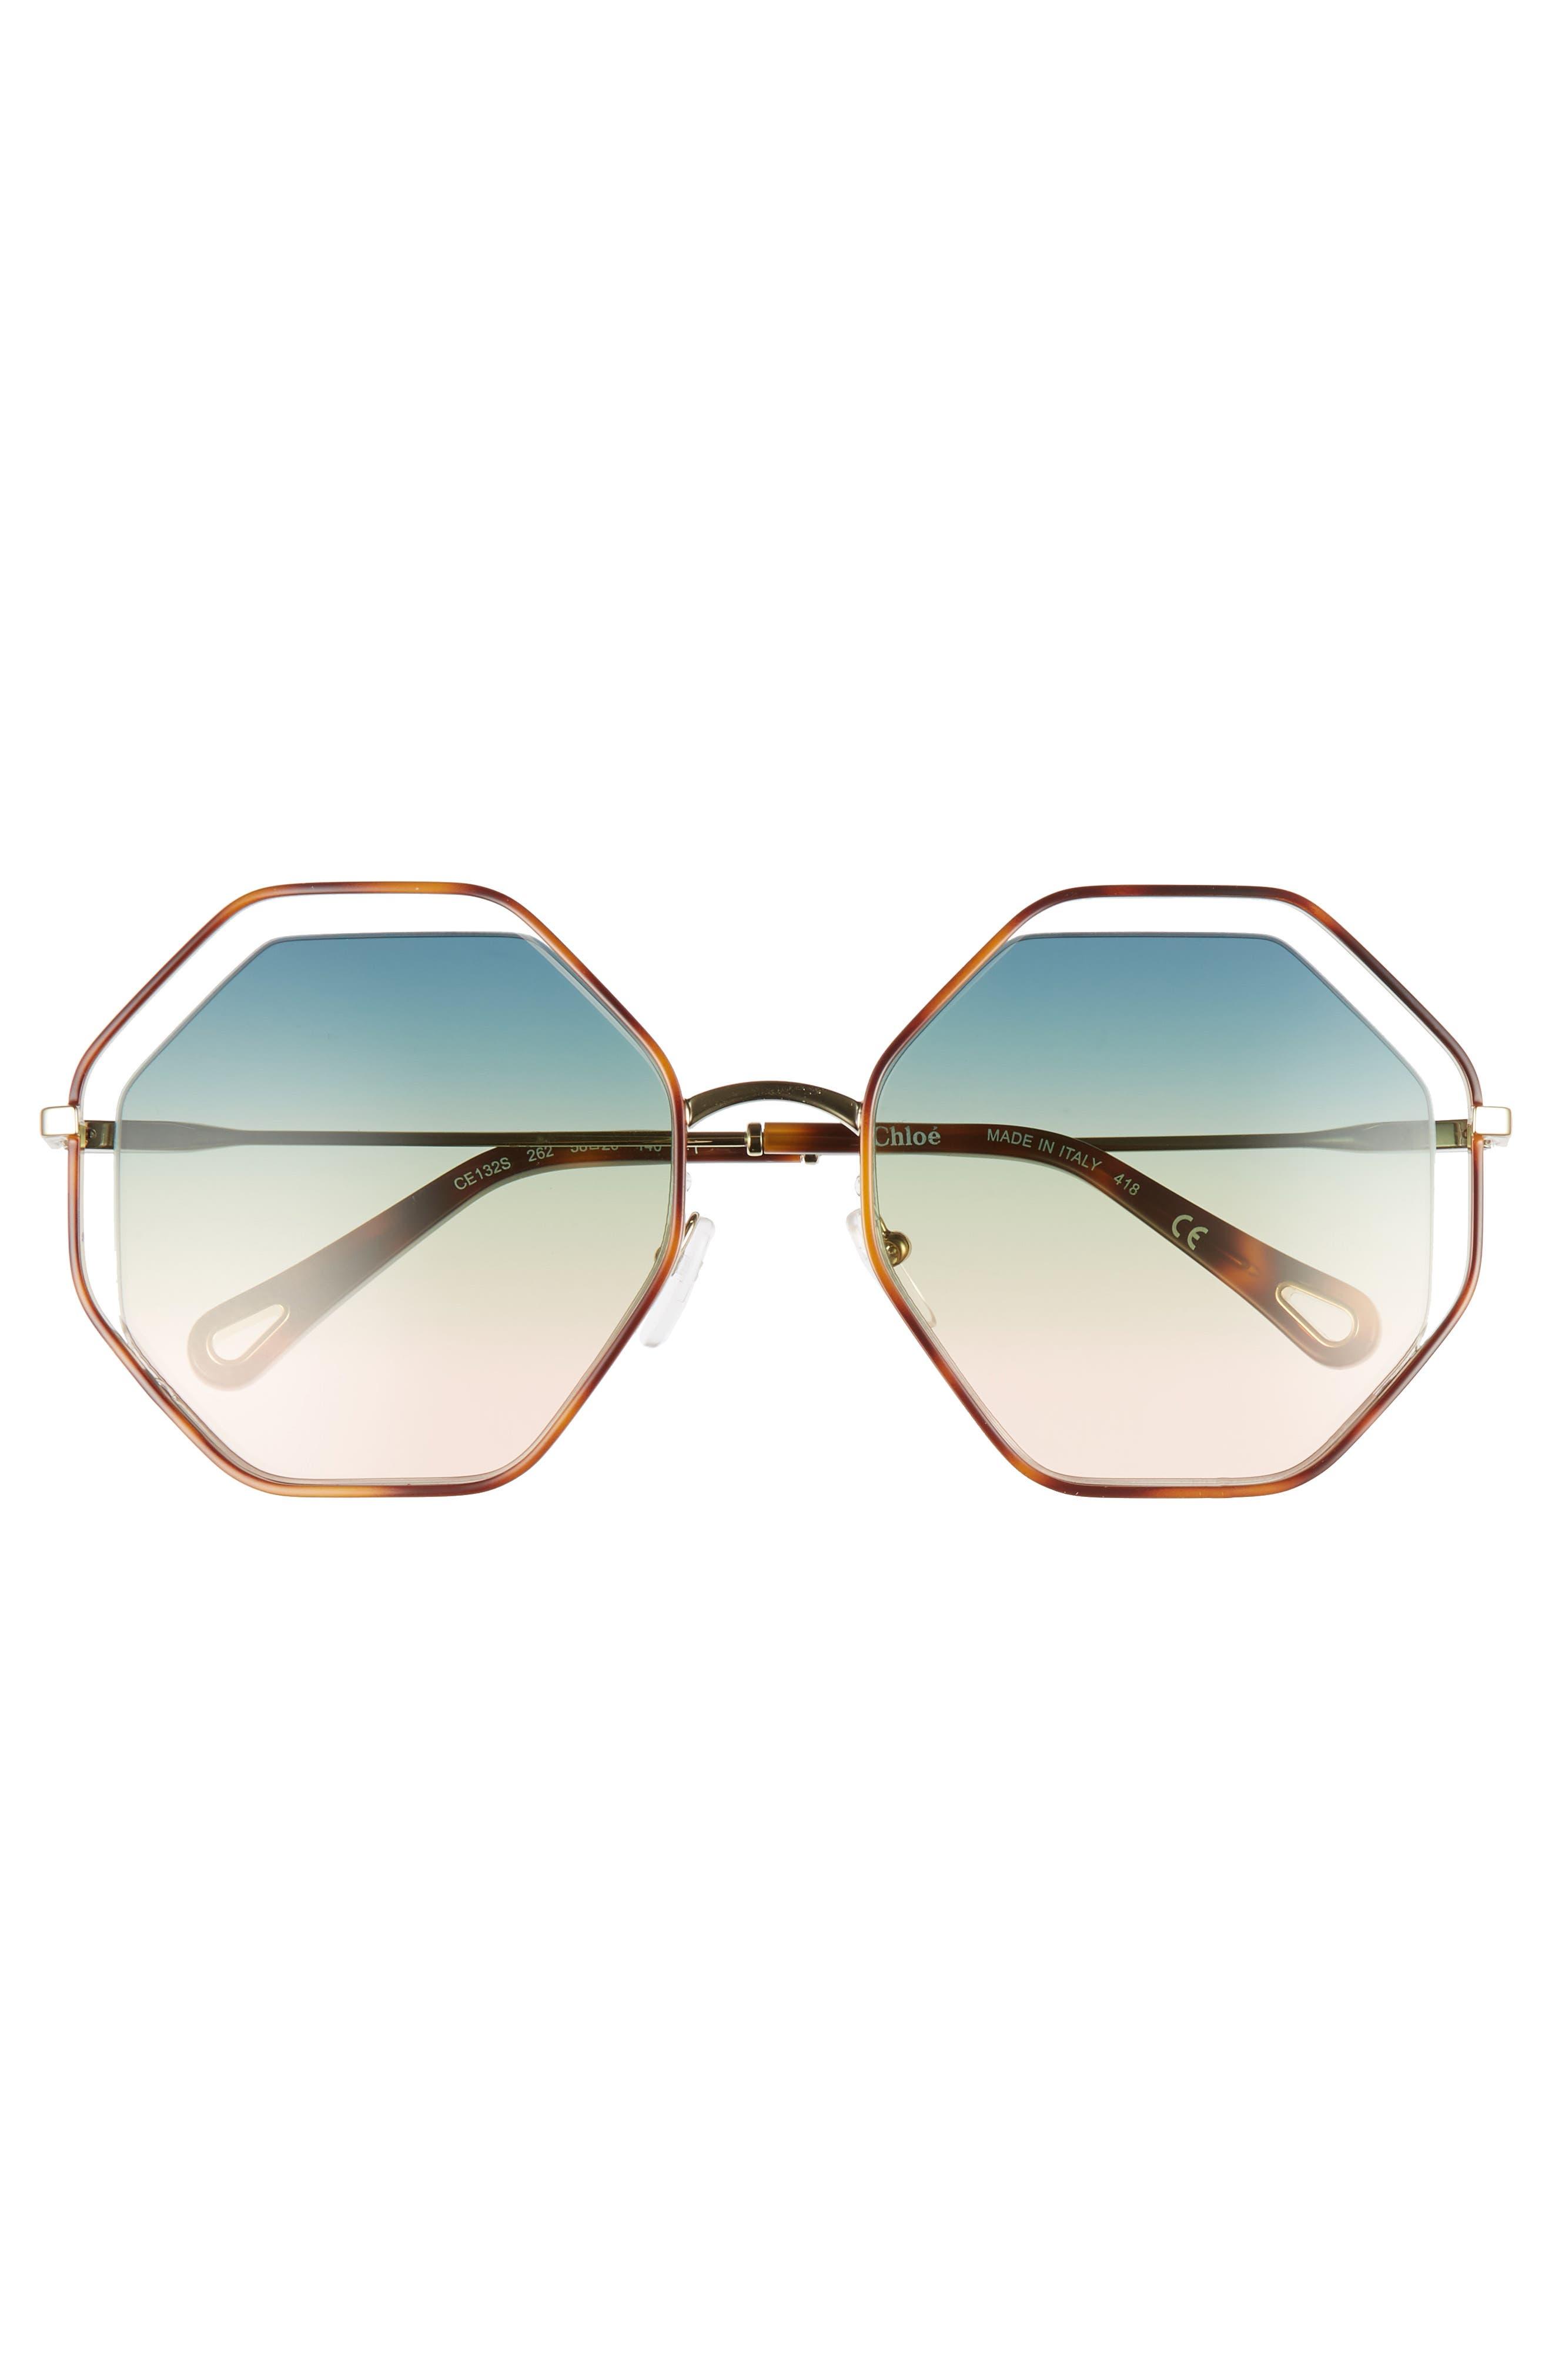 CHLOÉ, 58mm Octagonal Halo Lens Sunglasses, Alternate thumbnail 3, color, HAVANA/ GRADIENT BLUE